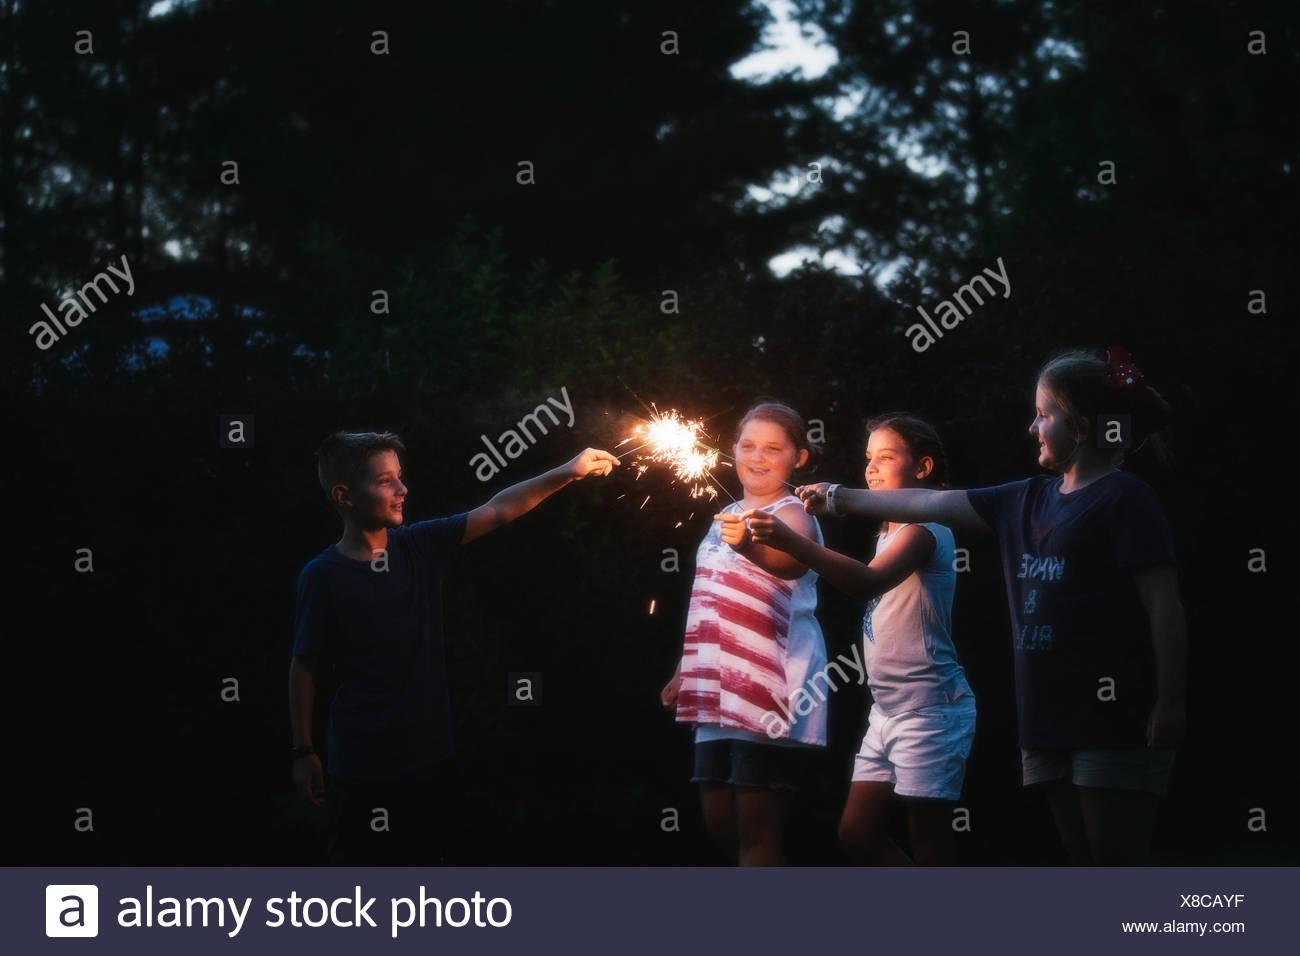 Garçon et trois filles d'allumer des cierges merveilleux ensemble de nuit le jour de l'indépendance, USA Photo Stock